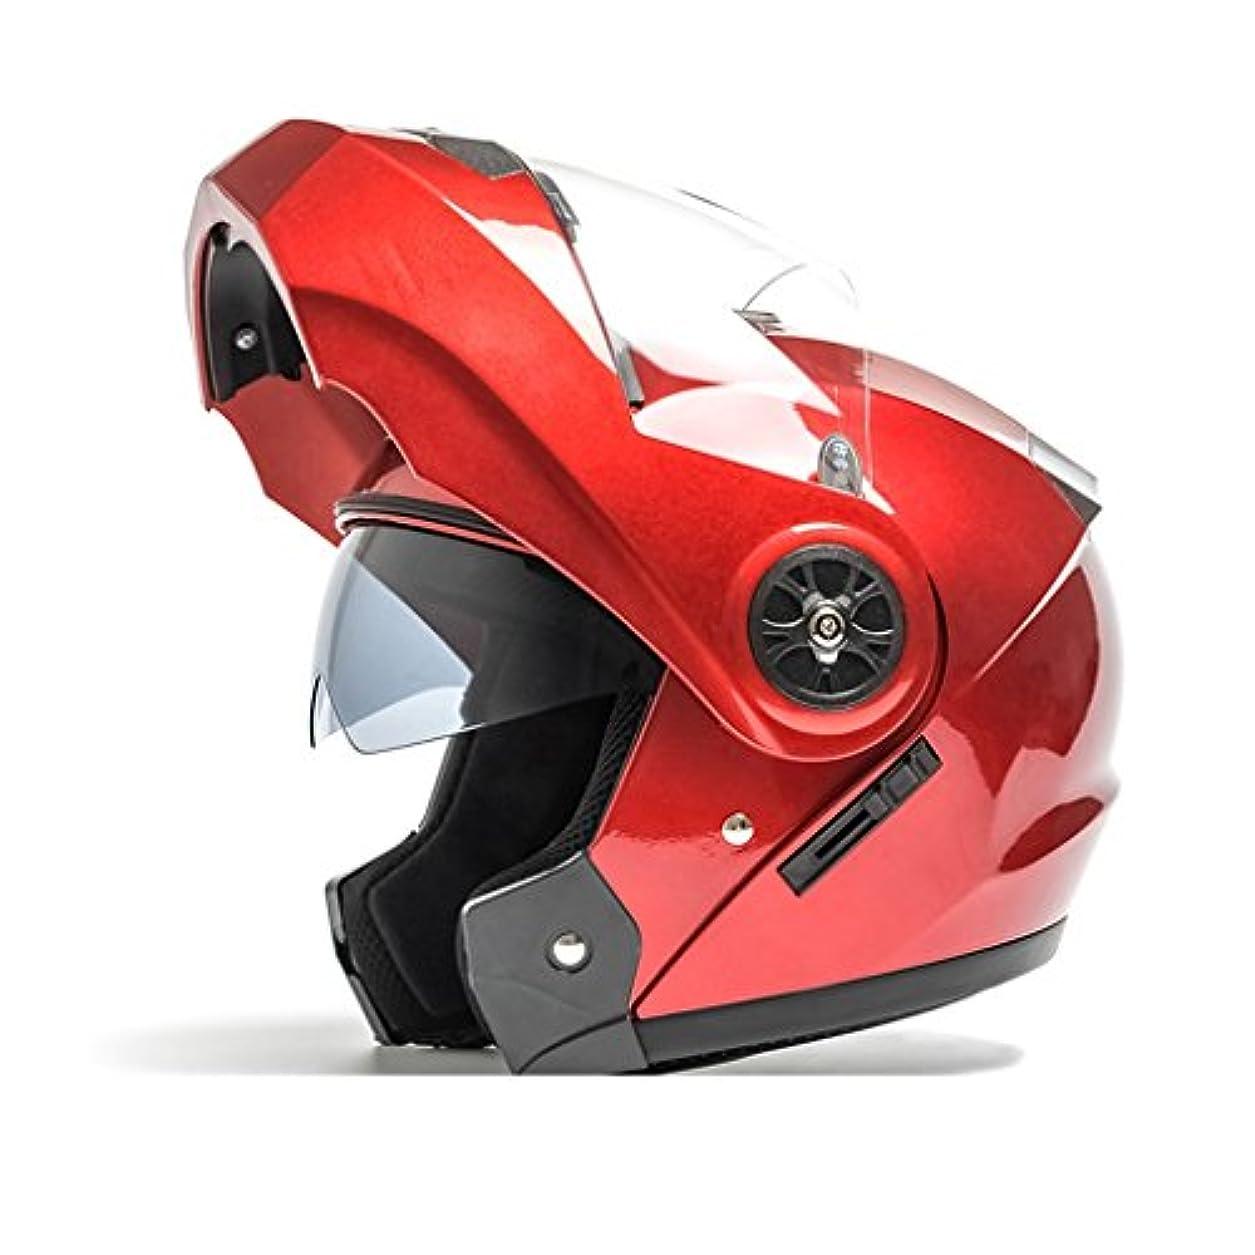 フォージ淡い世界オートバイヘルメット四季ユニバーサルハーフカバーヘルメット透明眼鏡アダルトヘルメット (Color : Red, Size : 22 * 24 * 32cm)